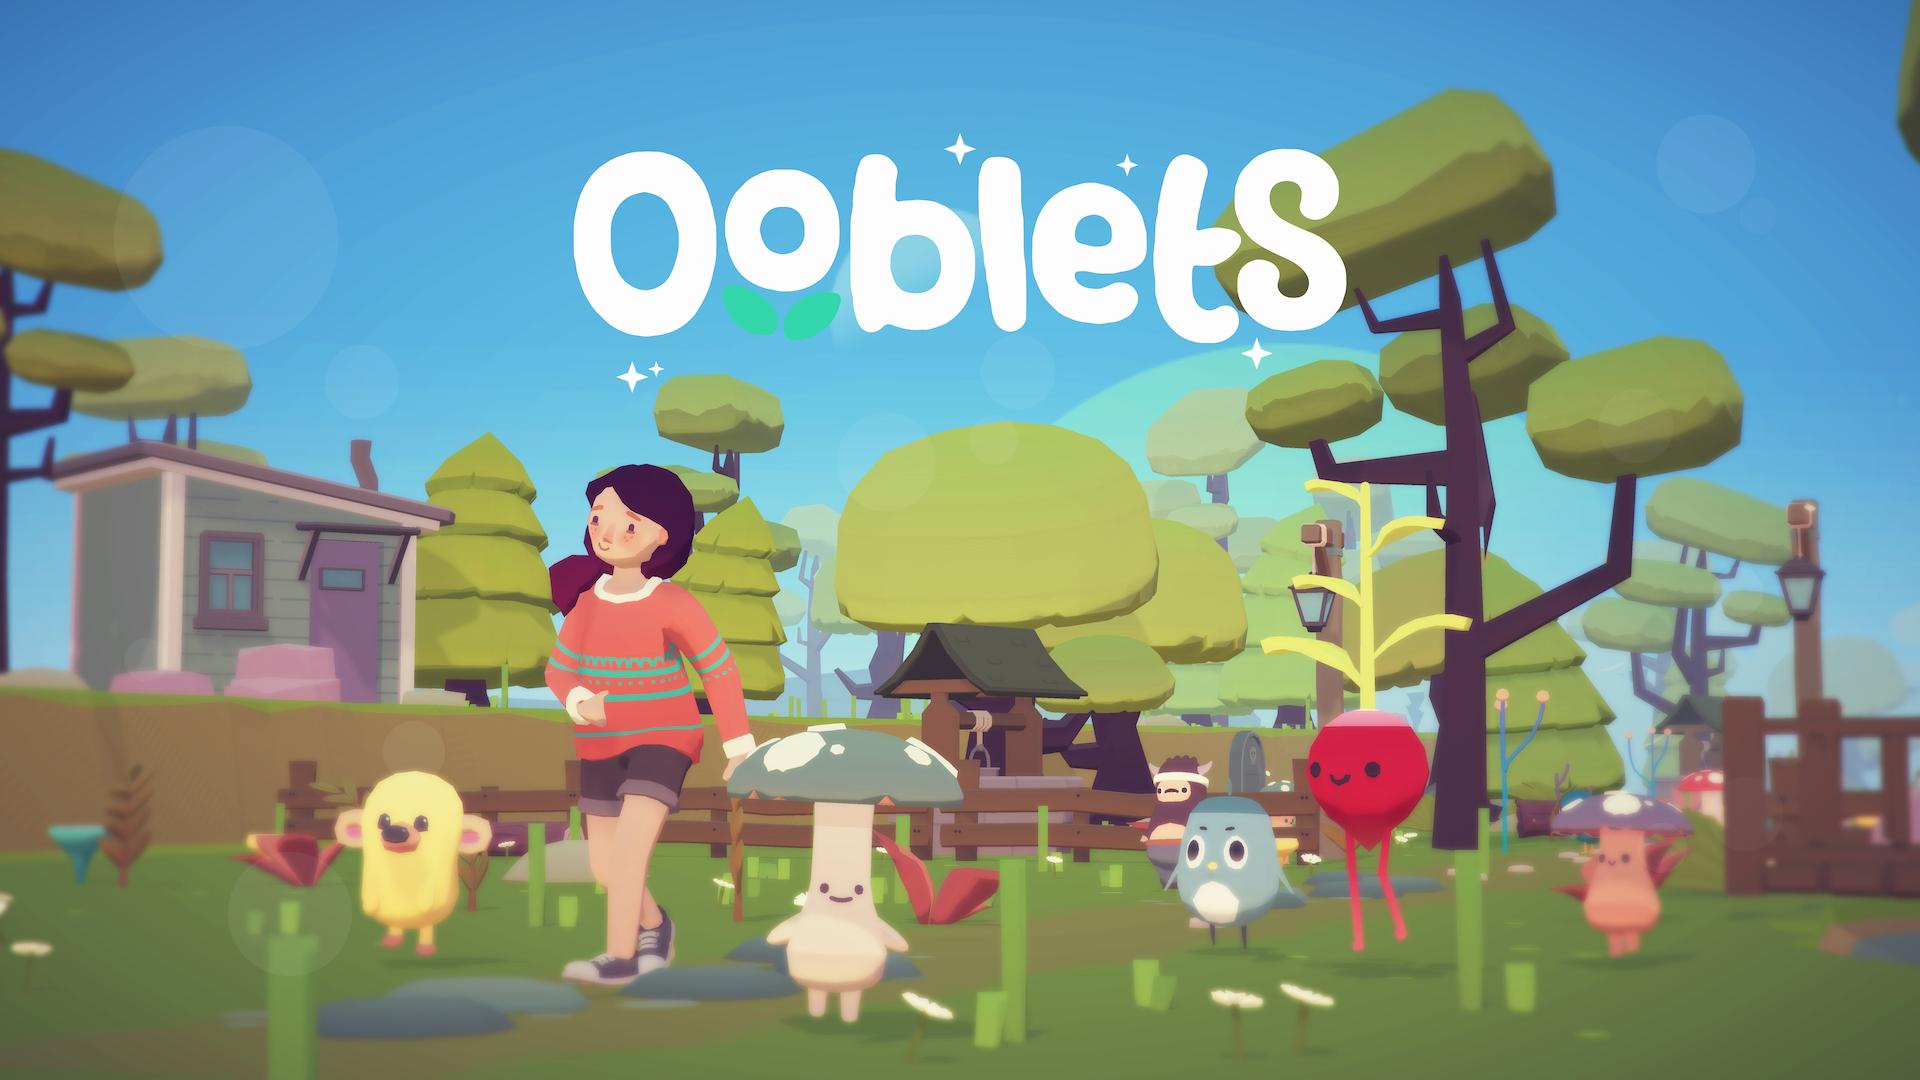 دفاعًا عن Ooblets - قد تؤدي ميزة Epic Store الحصرية إلى توفير مطور الألعاب المفضل لديك 4